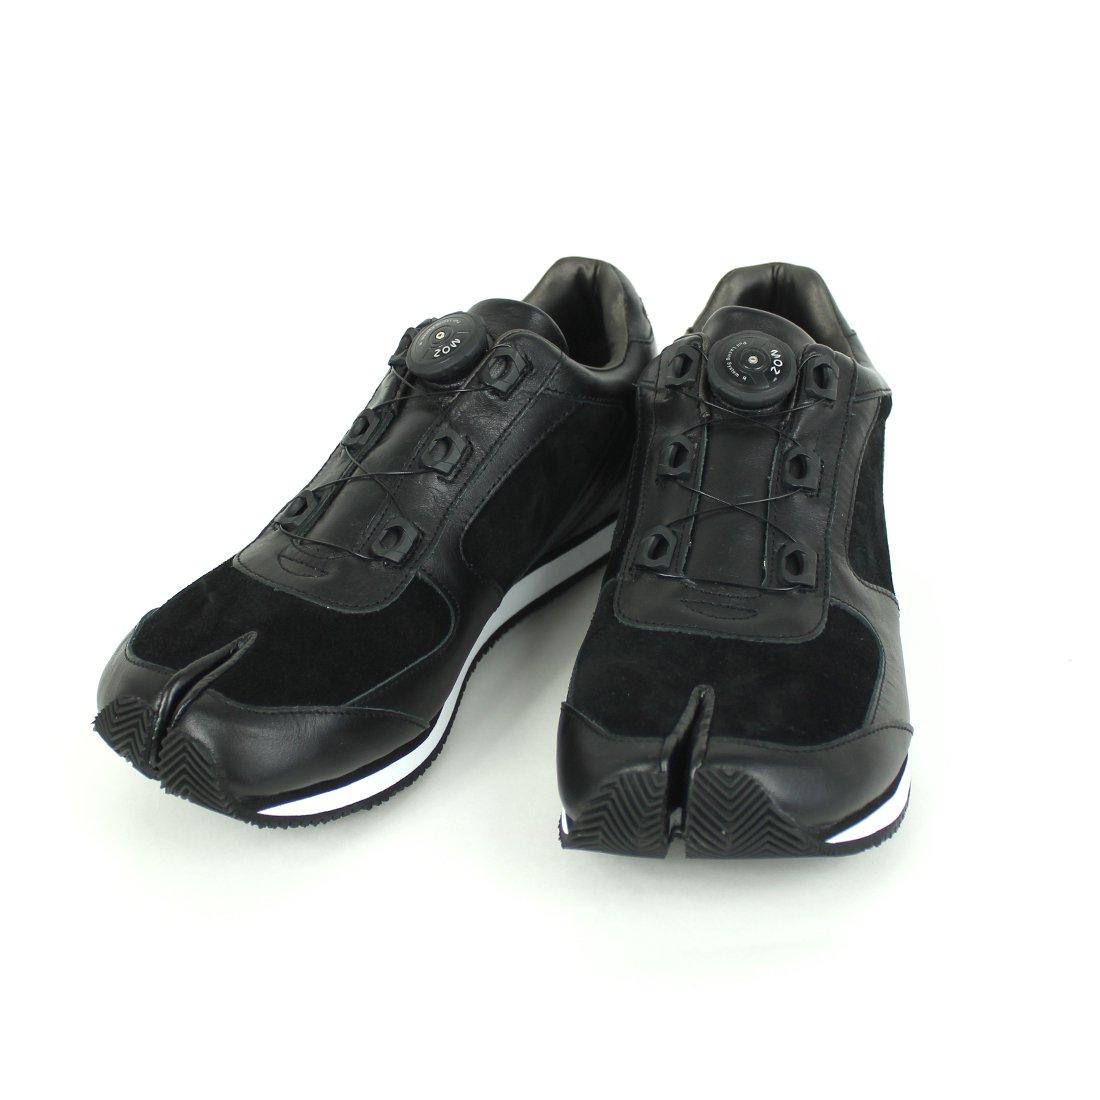 MOZ LEATHER TABI SNEAKER tabi-sneakers-trend-napron-moz-leather-tabi